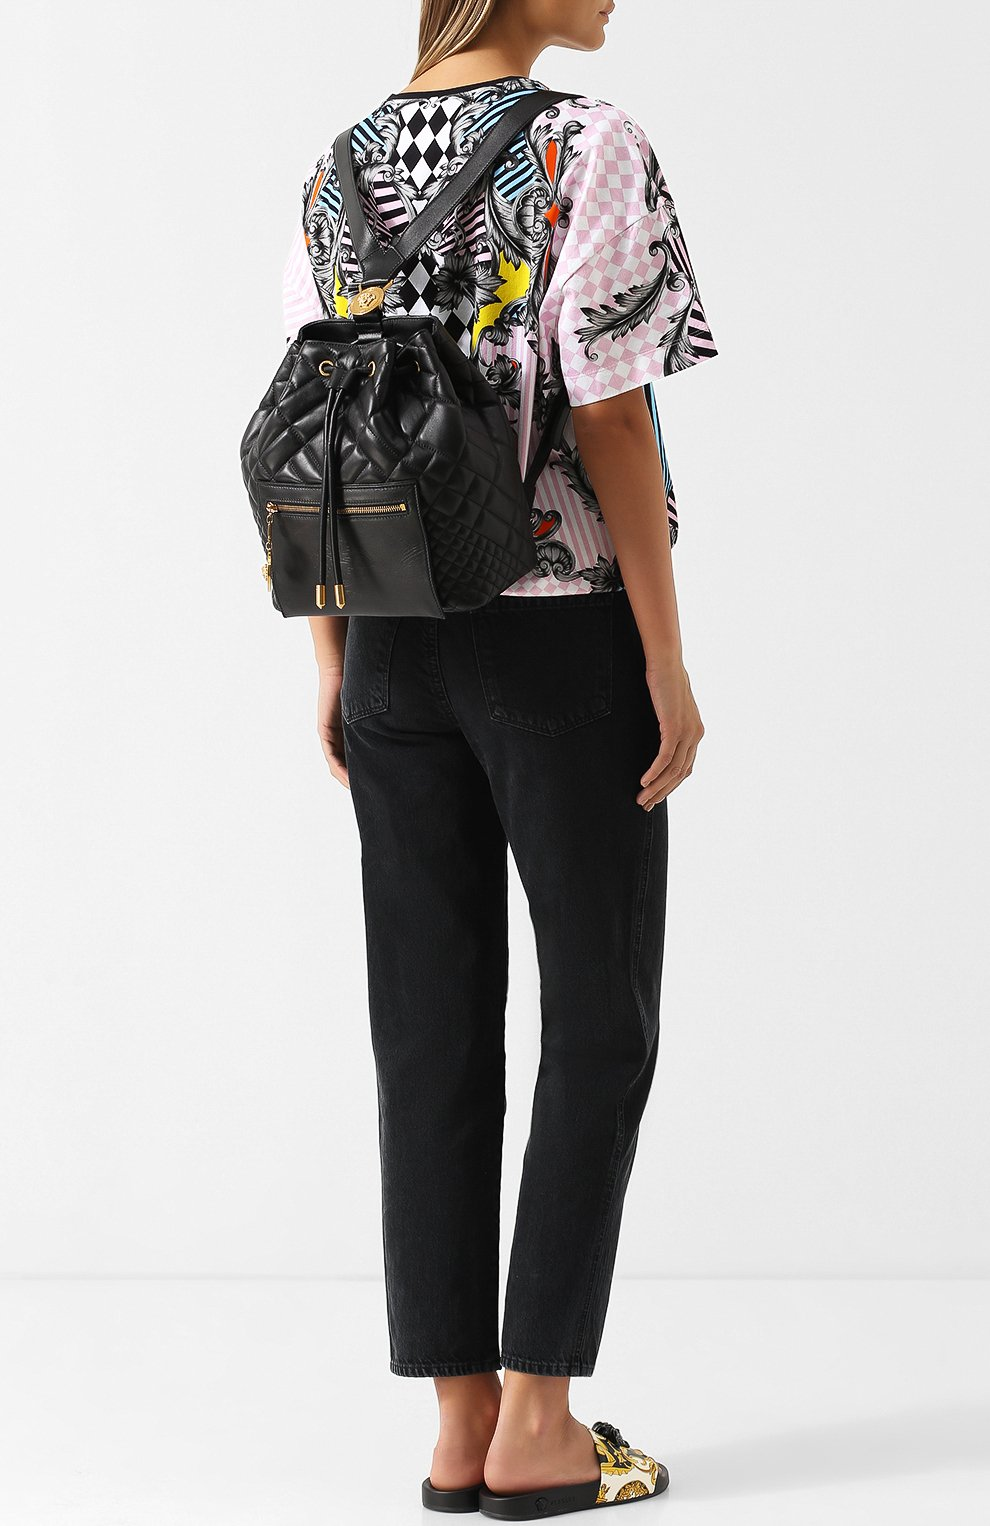 Рюкзак Tribute из стеганой кожи | Фото №2